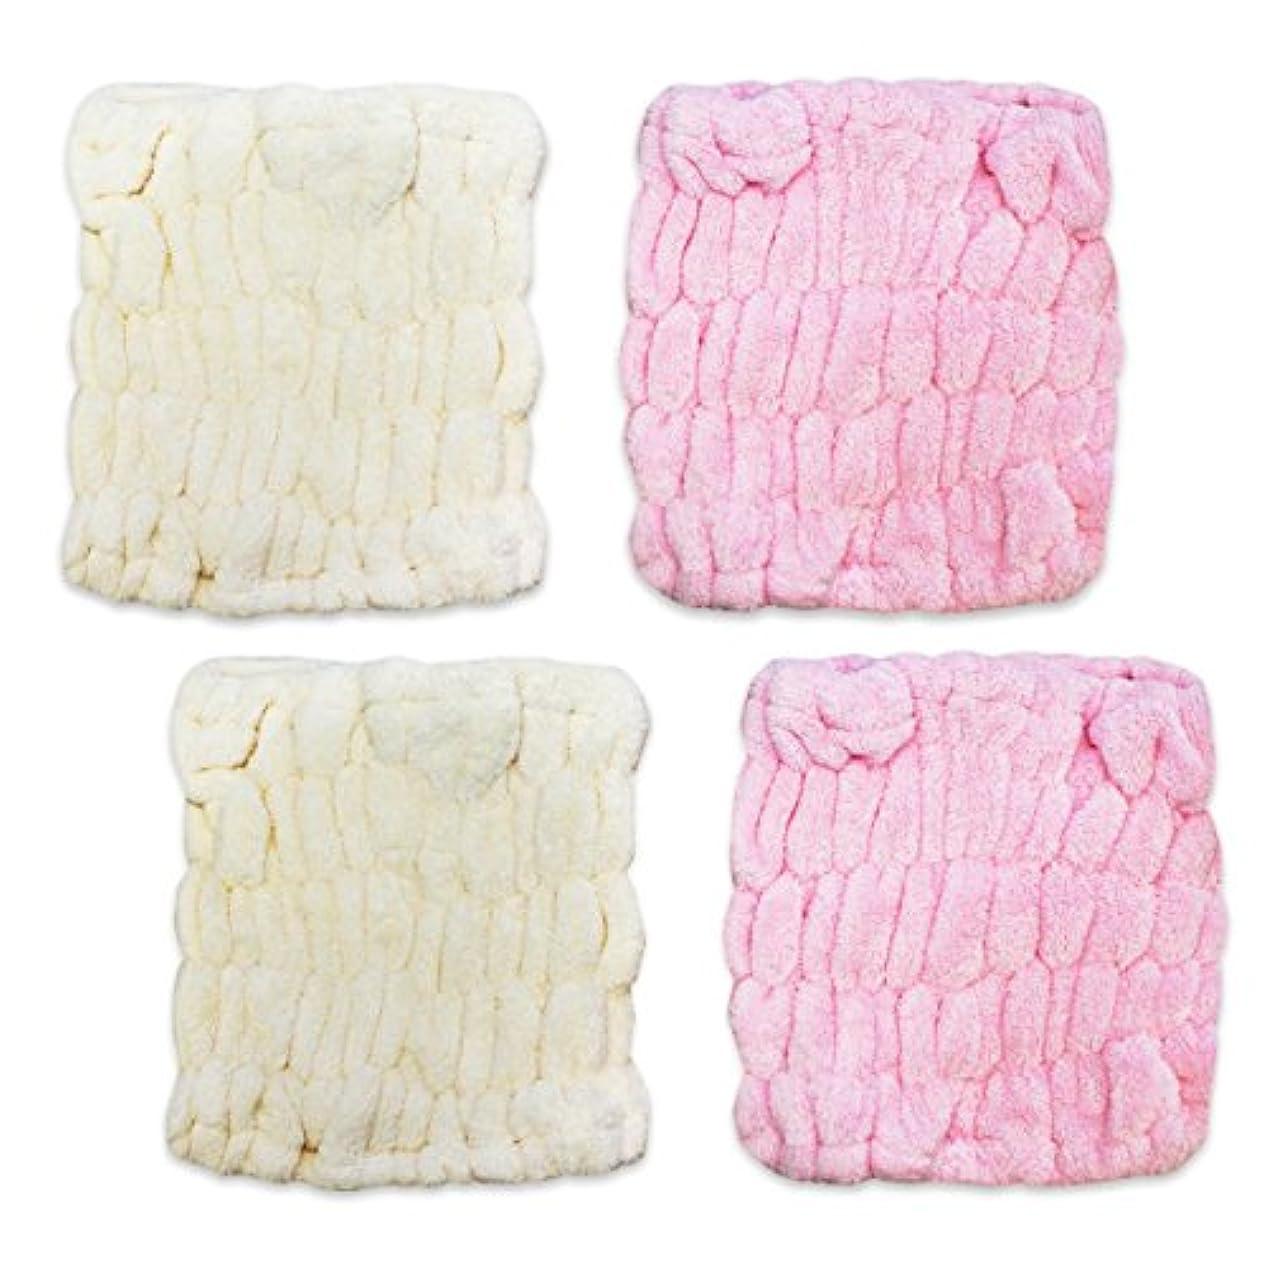 支援崩壊市民ふんわり 柔らか マイクロ ファイバー 吸水 ヘアターバン 2色 4枚組(ピンク&アイボリー)